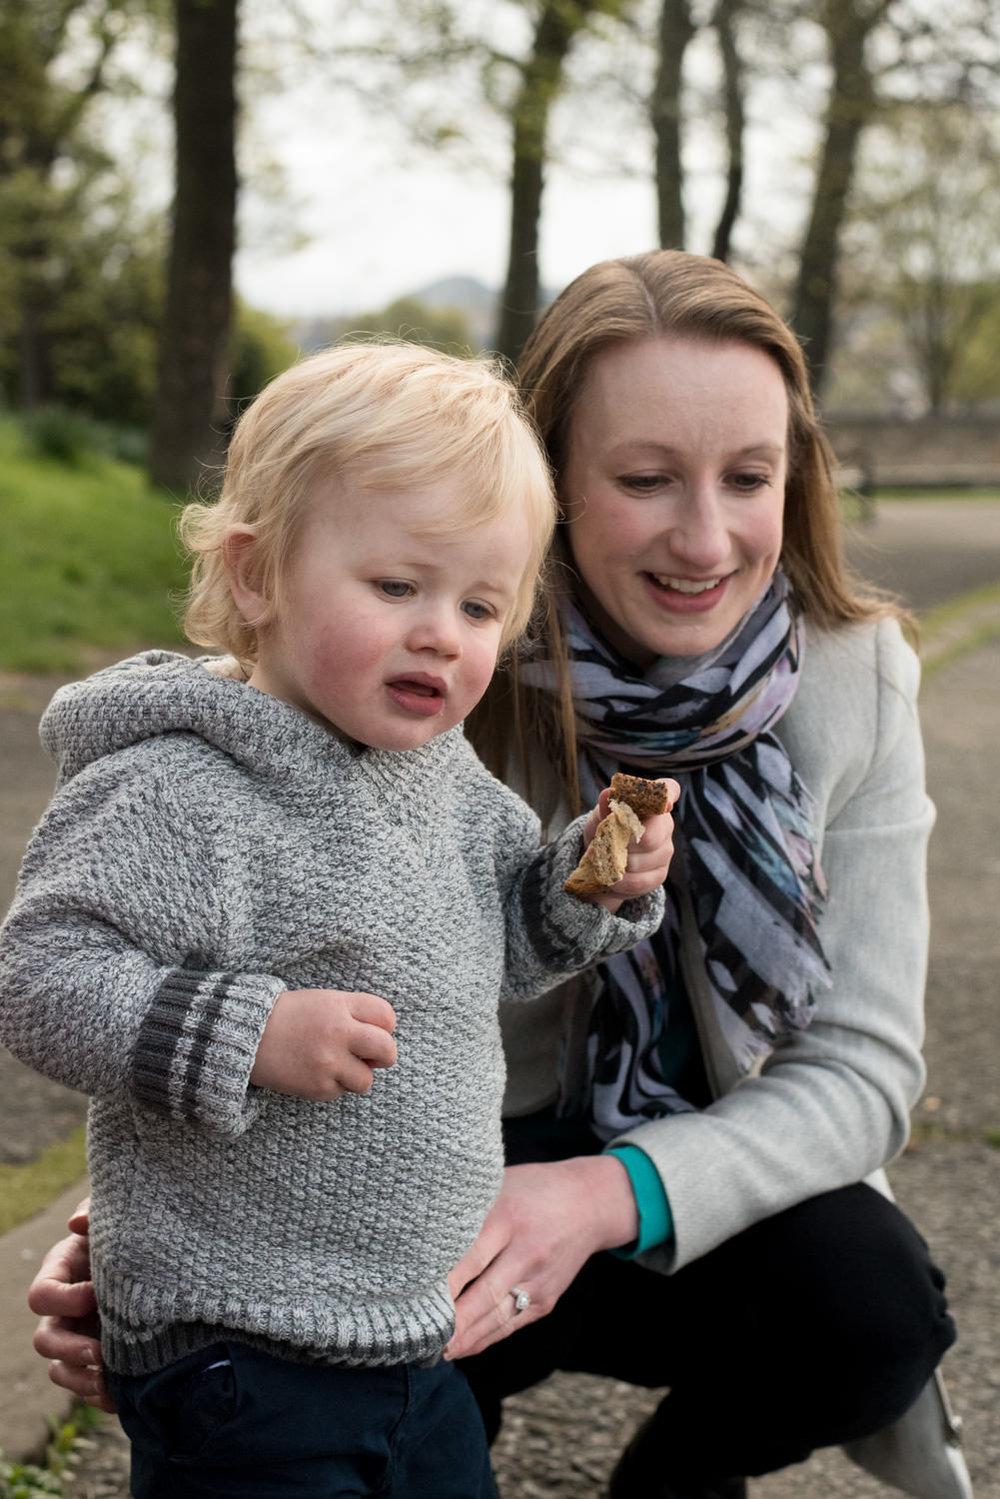 Edinburgh Family Photo Shoot - Inverleith Park 08